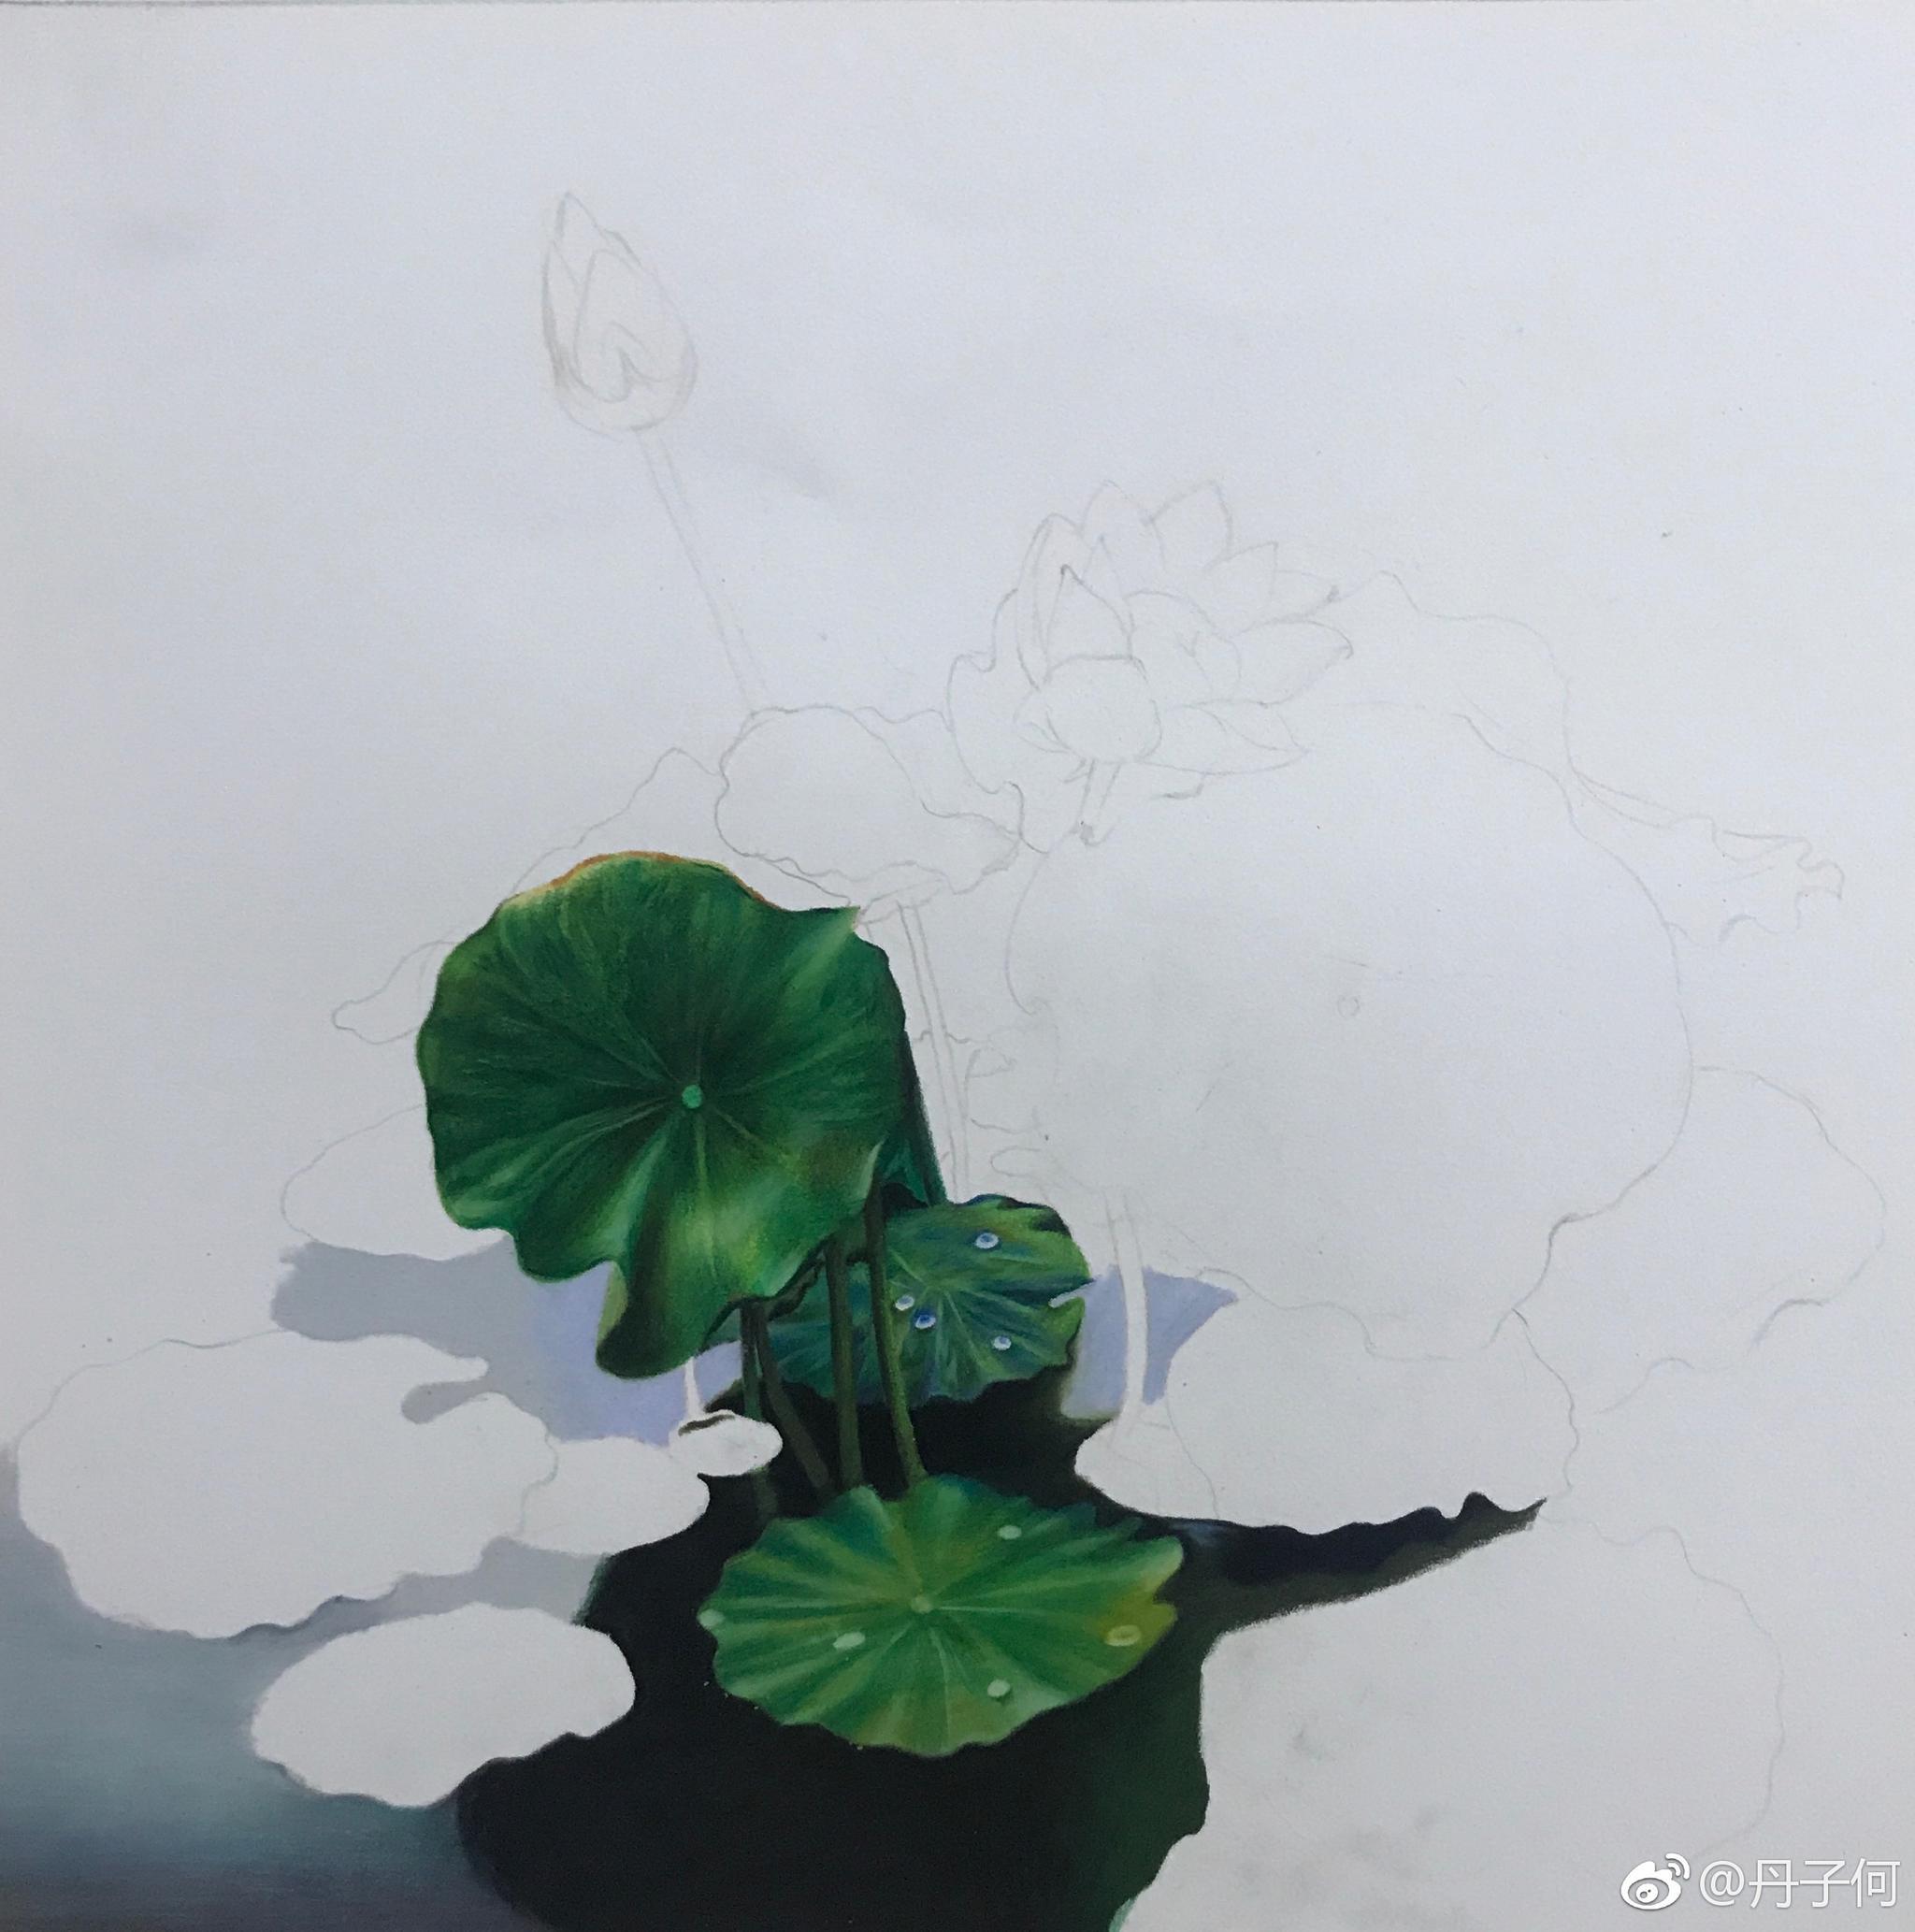 荷塘一角 霹雳马彩铅手绘投稿